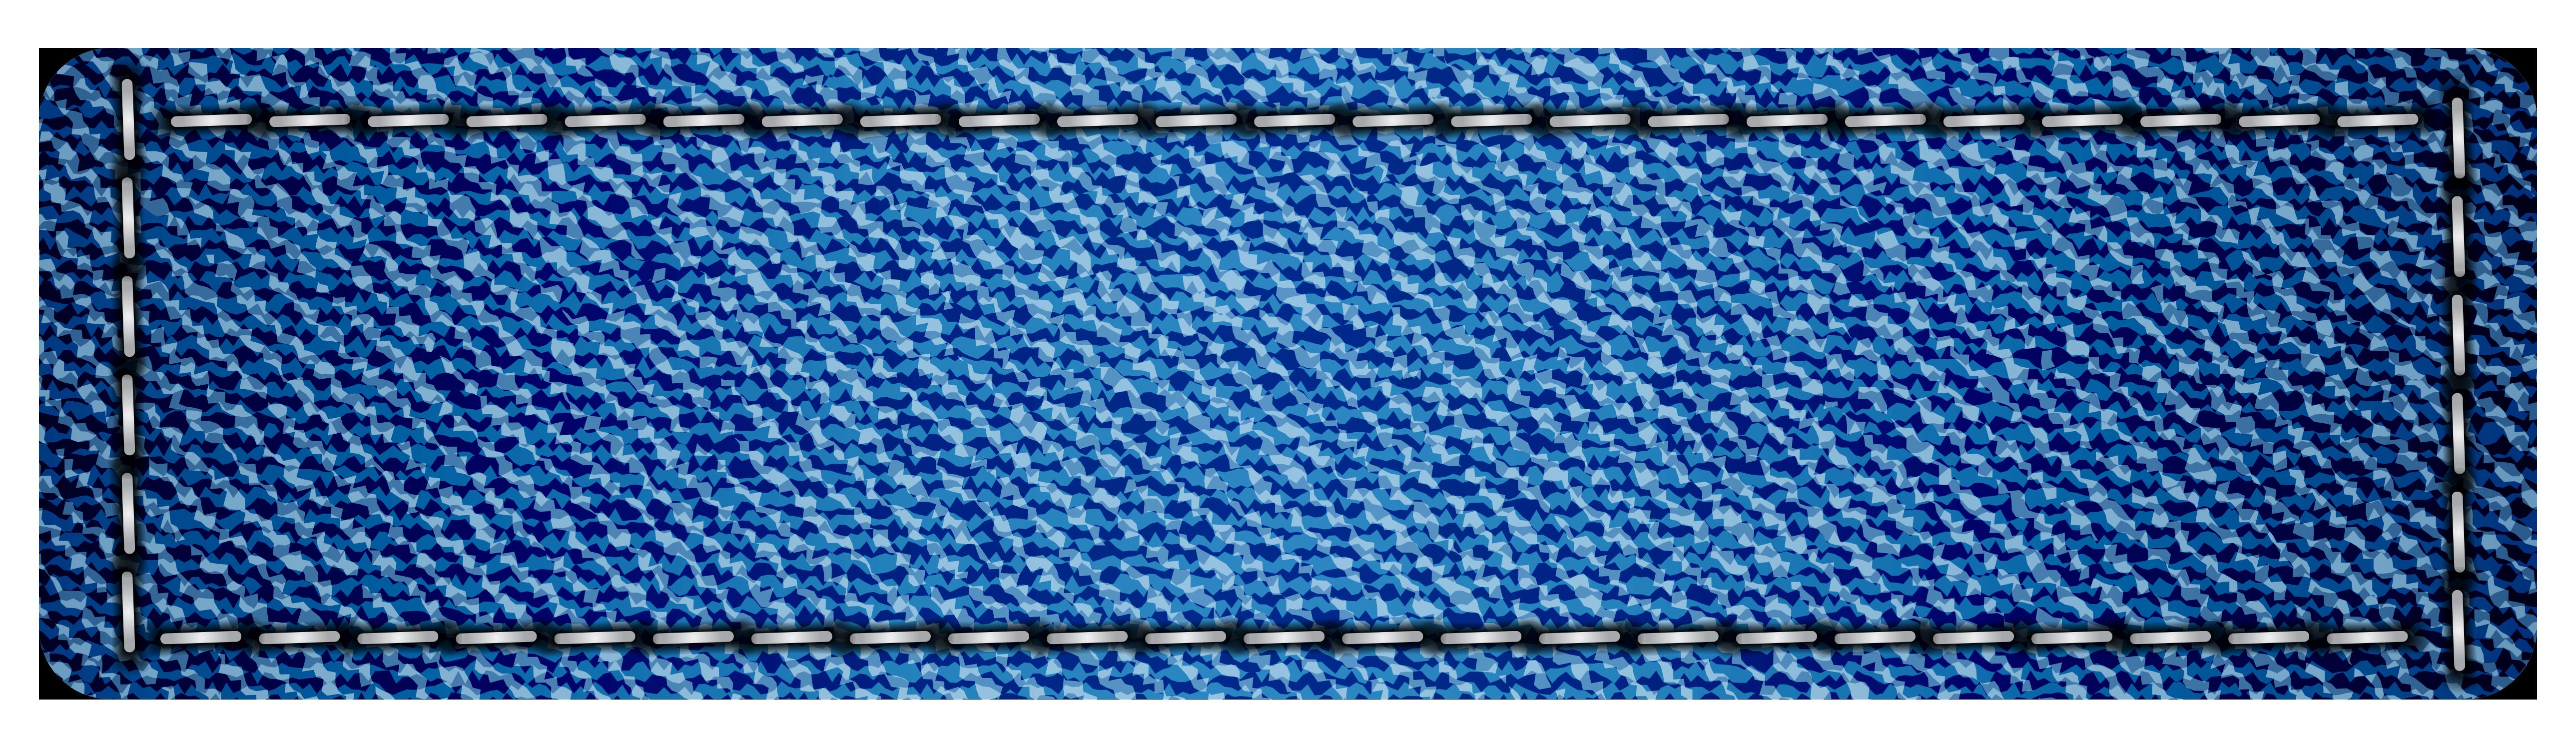 Large_Transparent_Blue_Jeans_Banner_Clipart.png?m=1400018400.